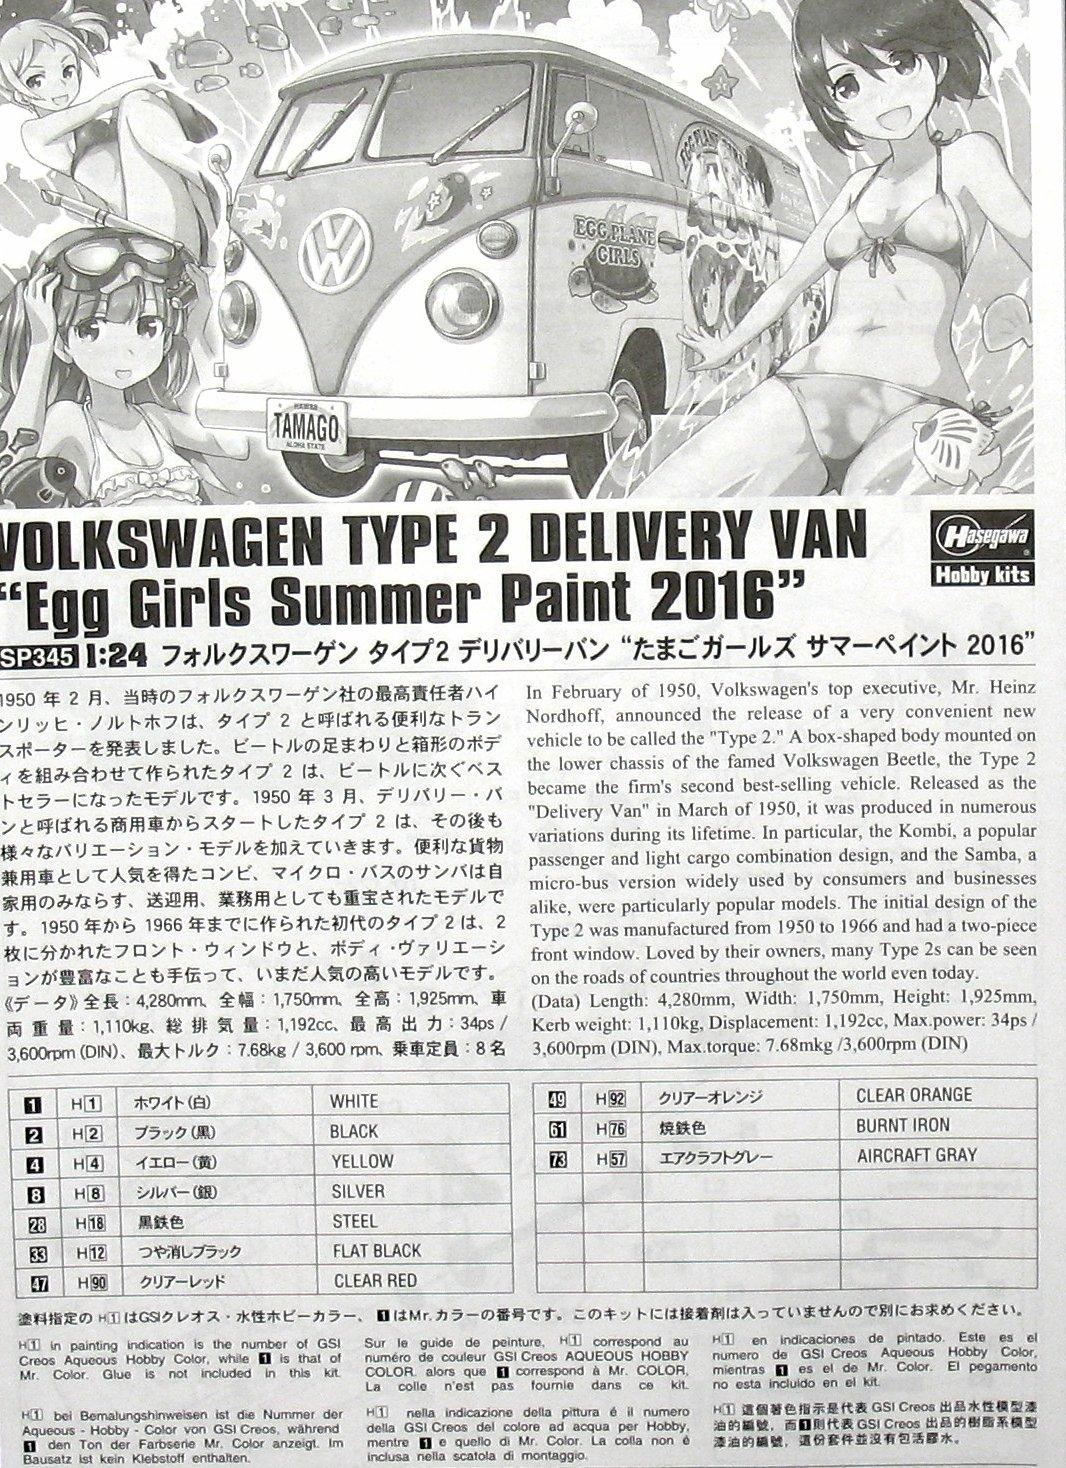 Volkswagen type 2 delivery van egg girls summer paint 2016 volkswagen type 2 delivery van egg girls summer paint 2016 hasegawa sp345 geenschuldenfo Image collections